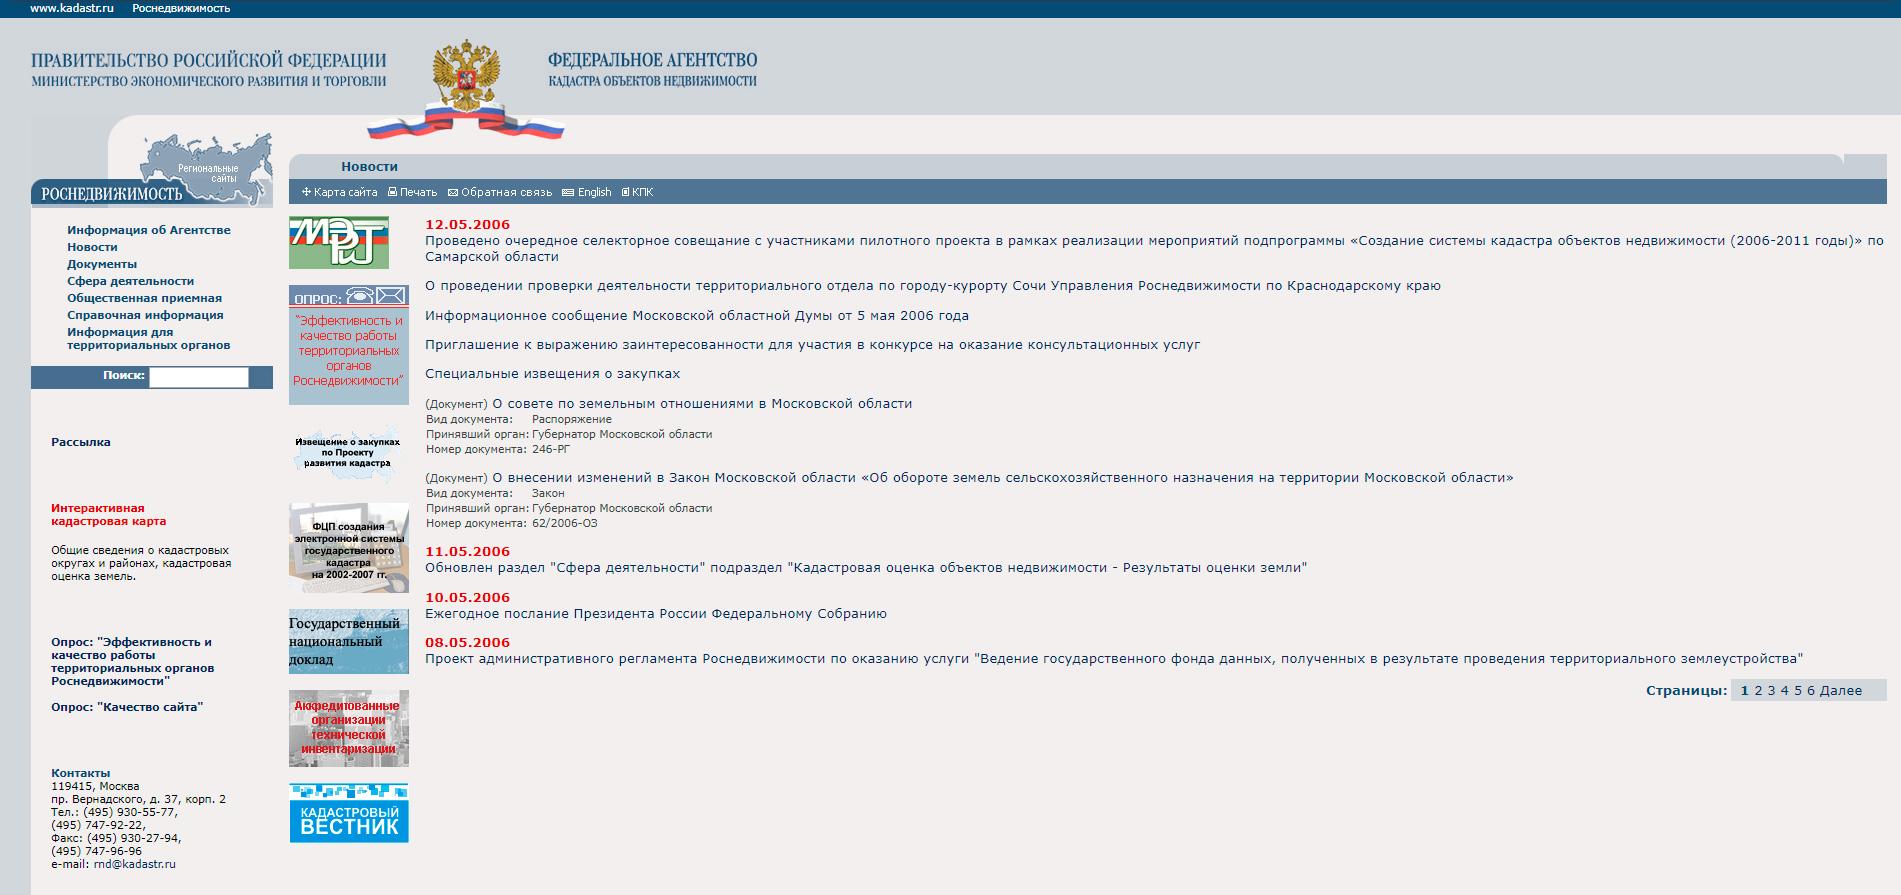 Так страница сайта Роснедвижимости (kadastr.ru) выглядела в 2006 году